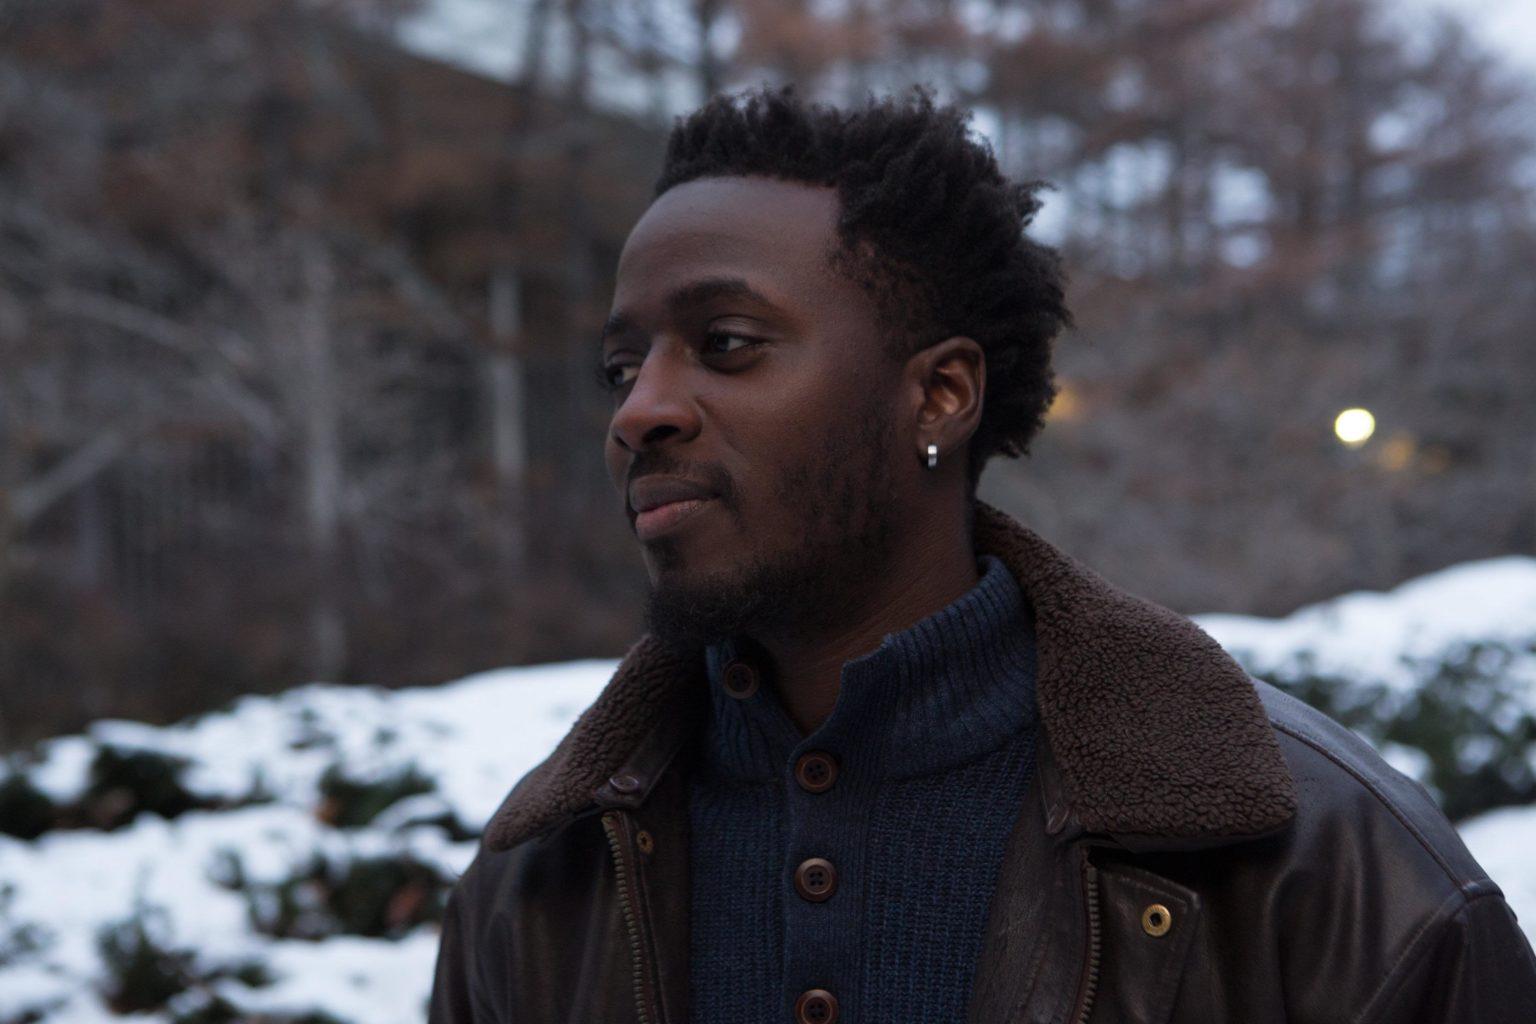 Nana Kwame Adjei-Brenyah